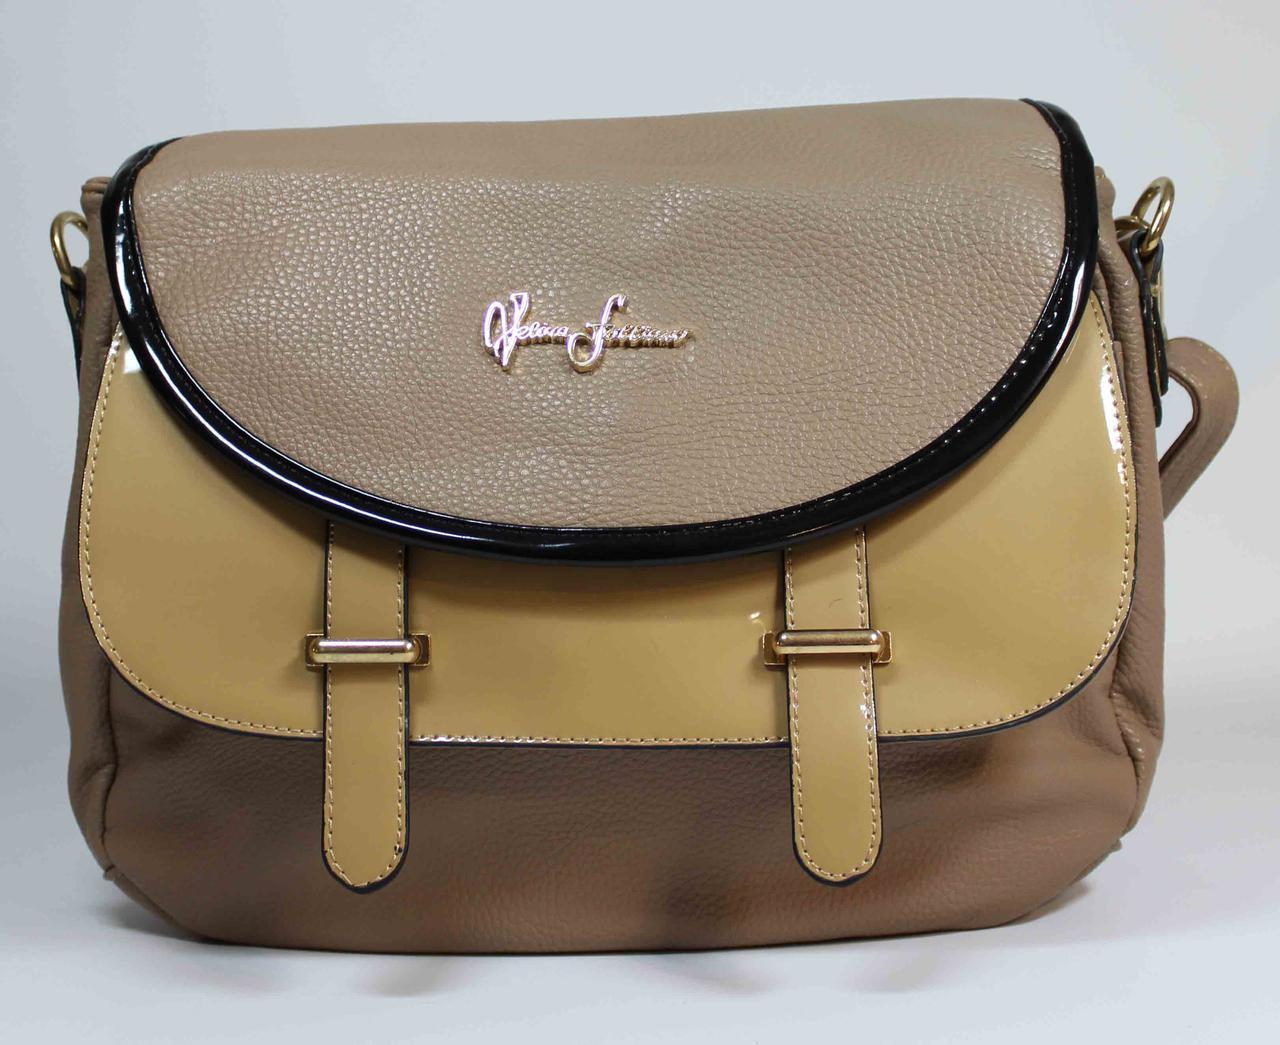 845685d11ed4 Женская сумка на длинной ручке бежевая - Komodd - Женские сумки,рюкзачки,спортивные  сумки